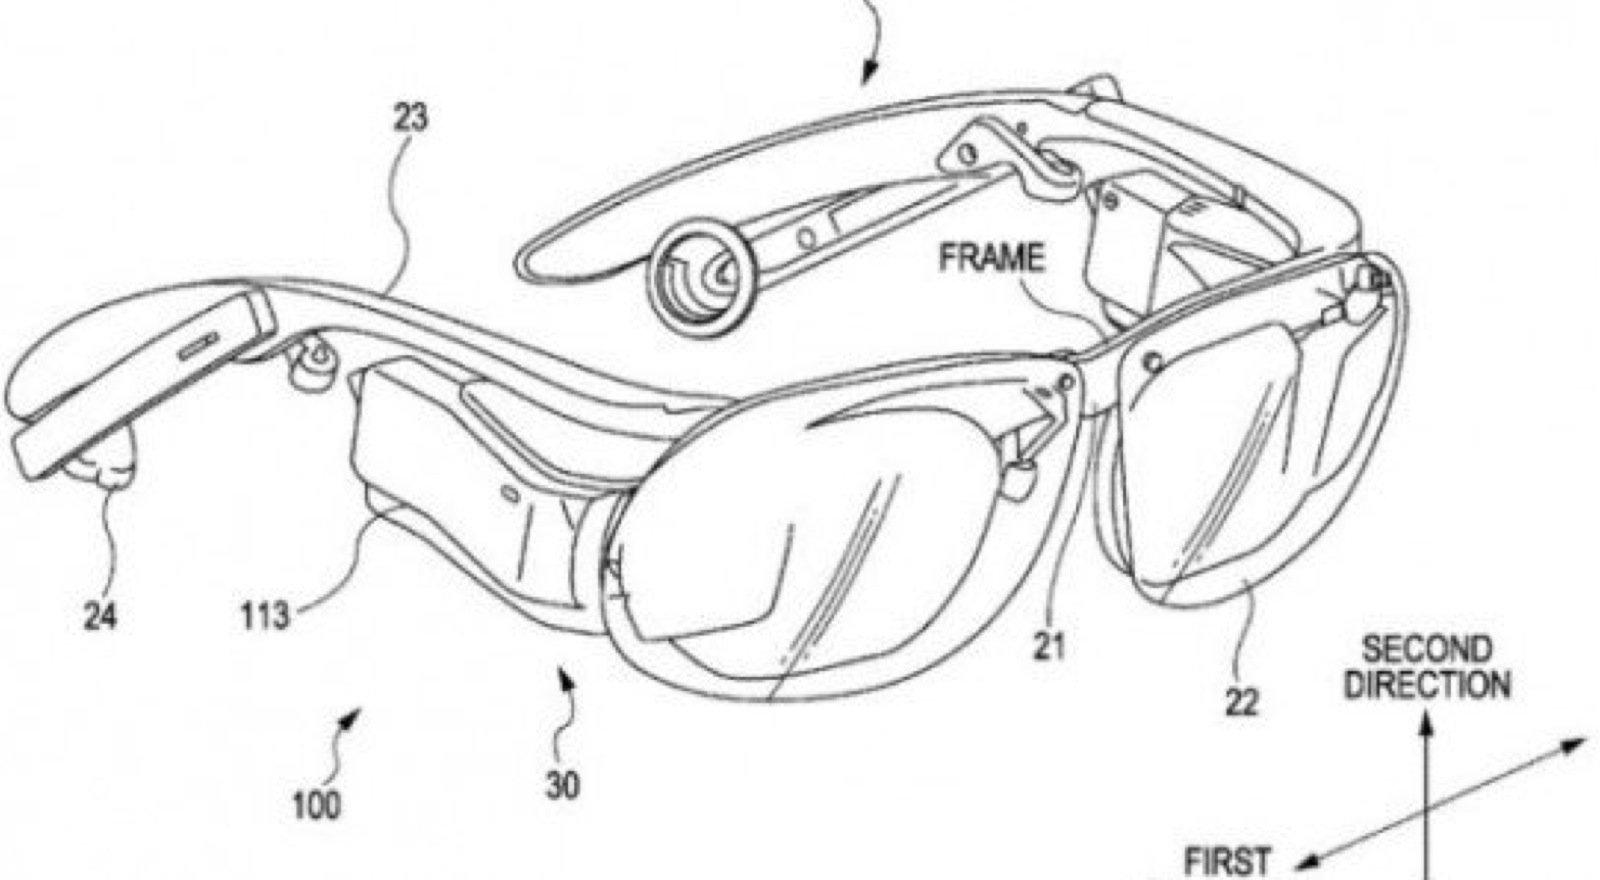 Eine Zeichnung aus dem Patentantrag von Sony vom November 2012.